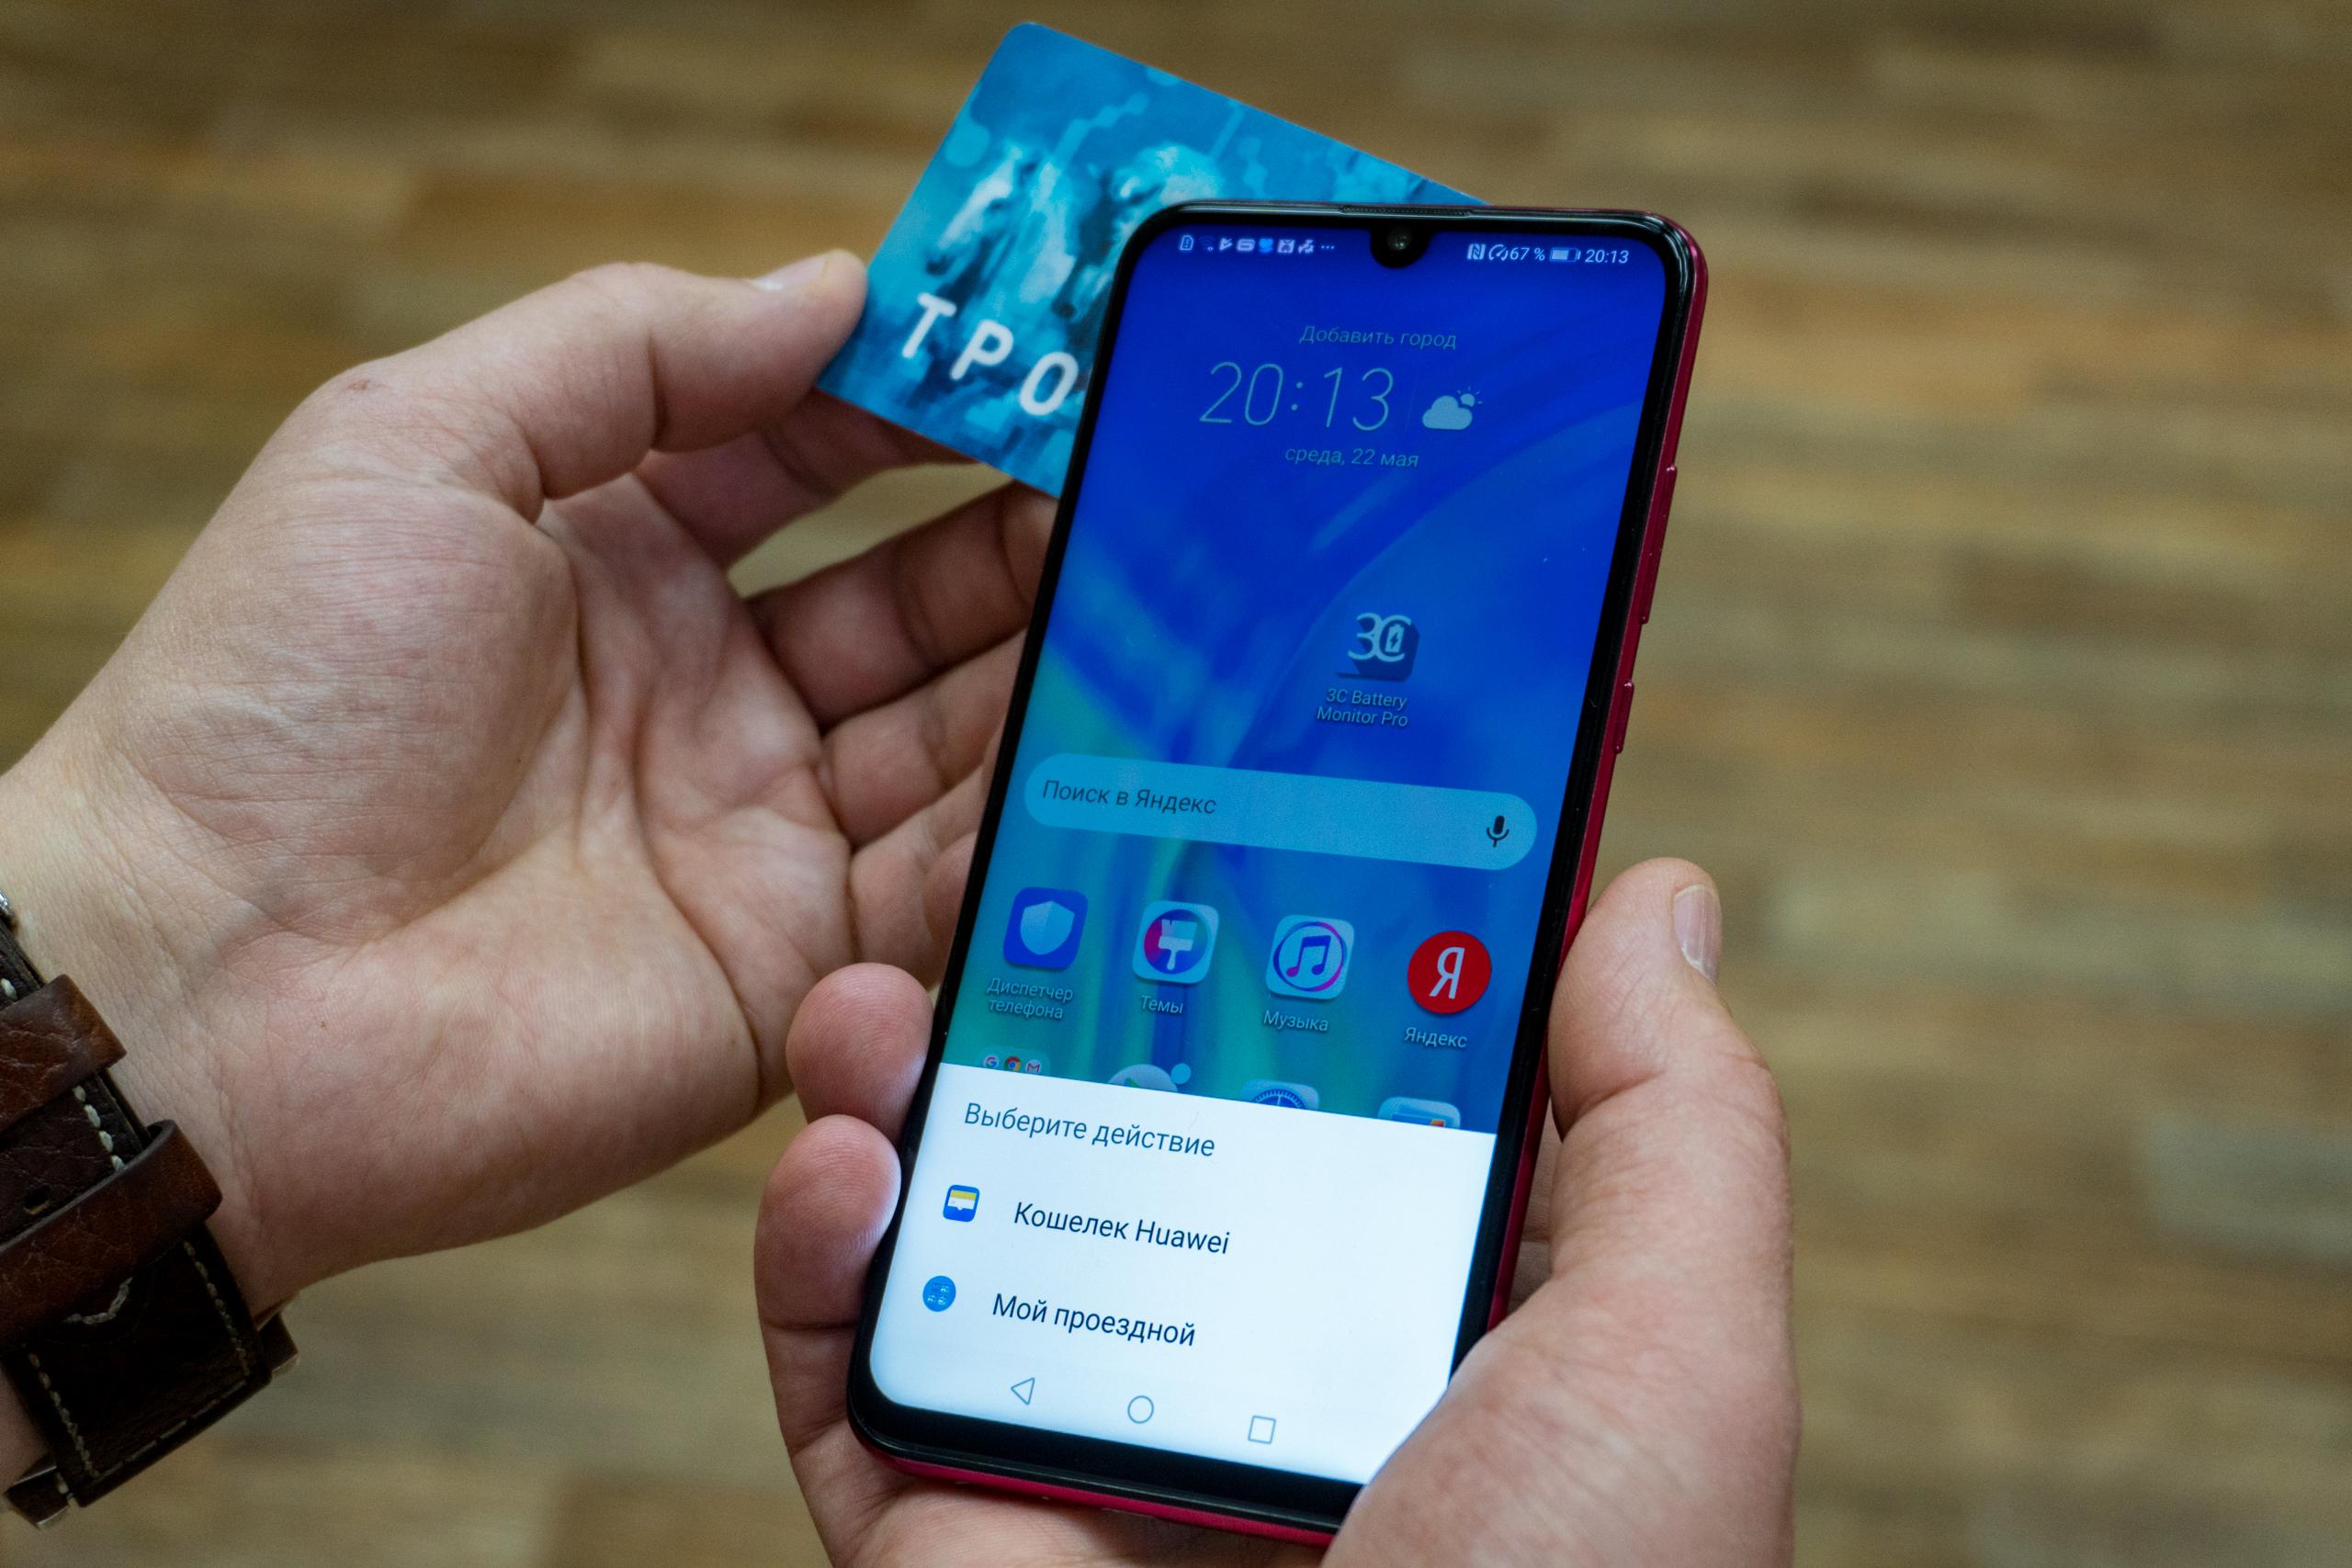 Нет NFC в телефон